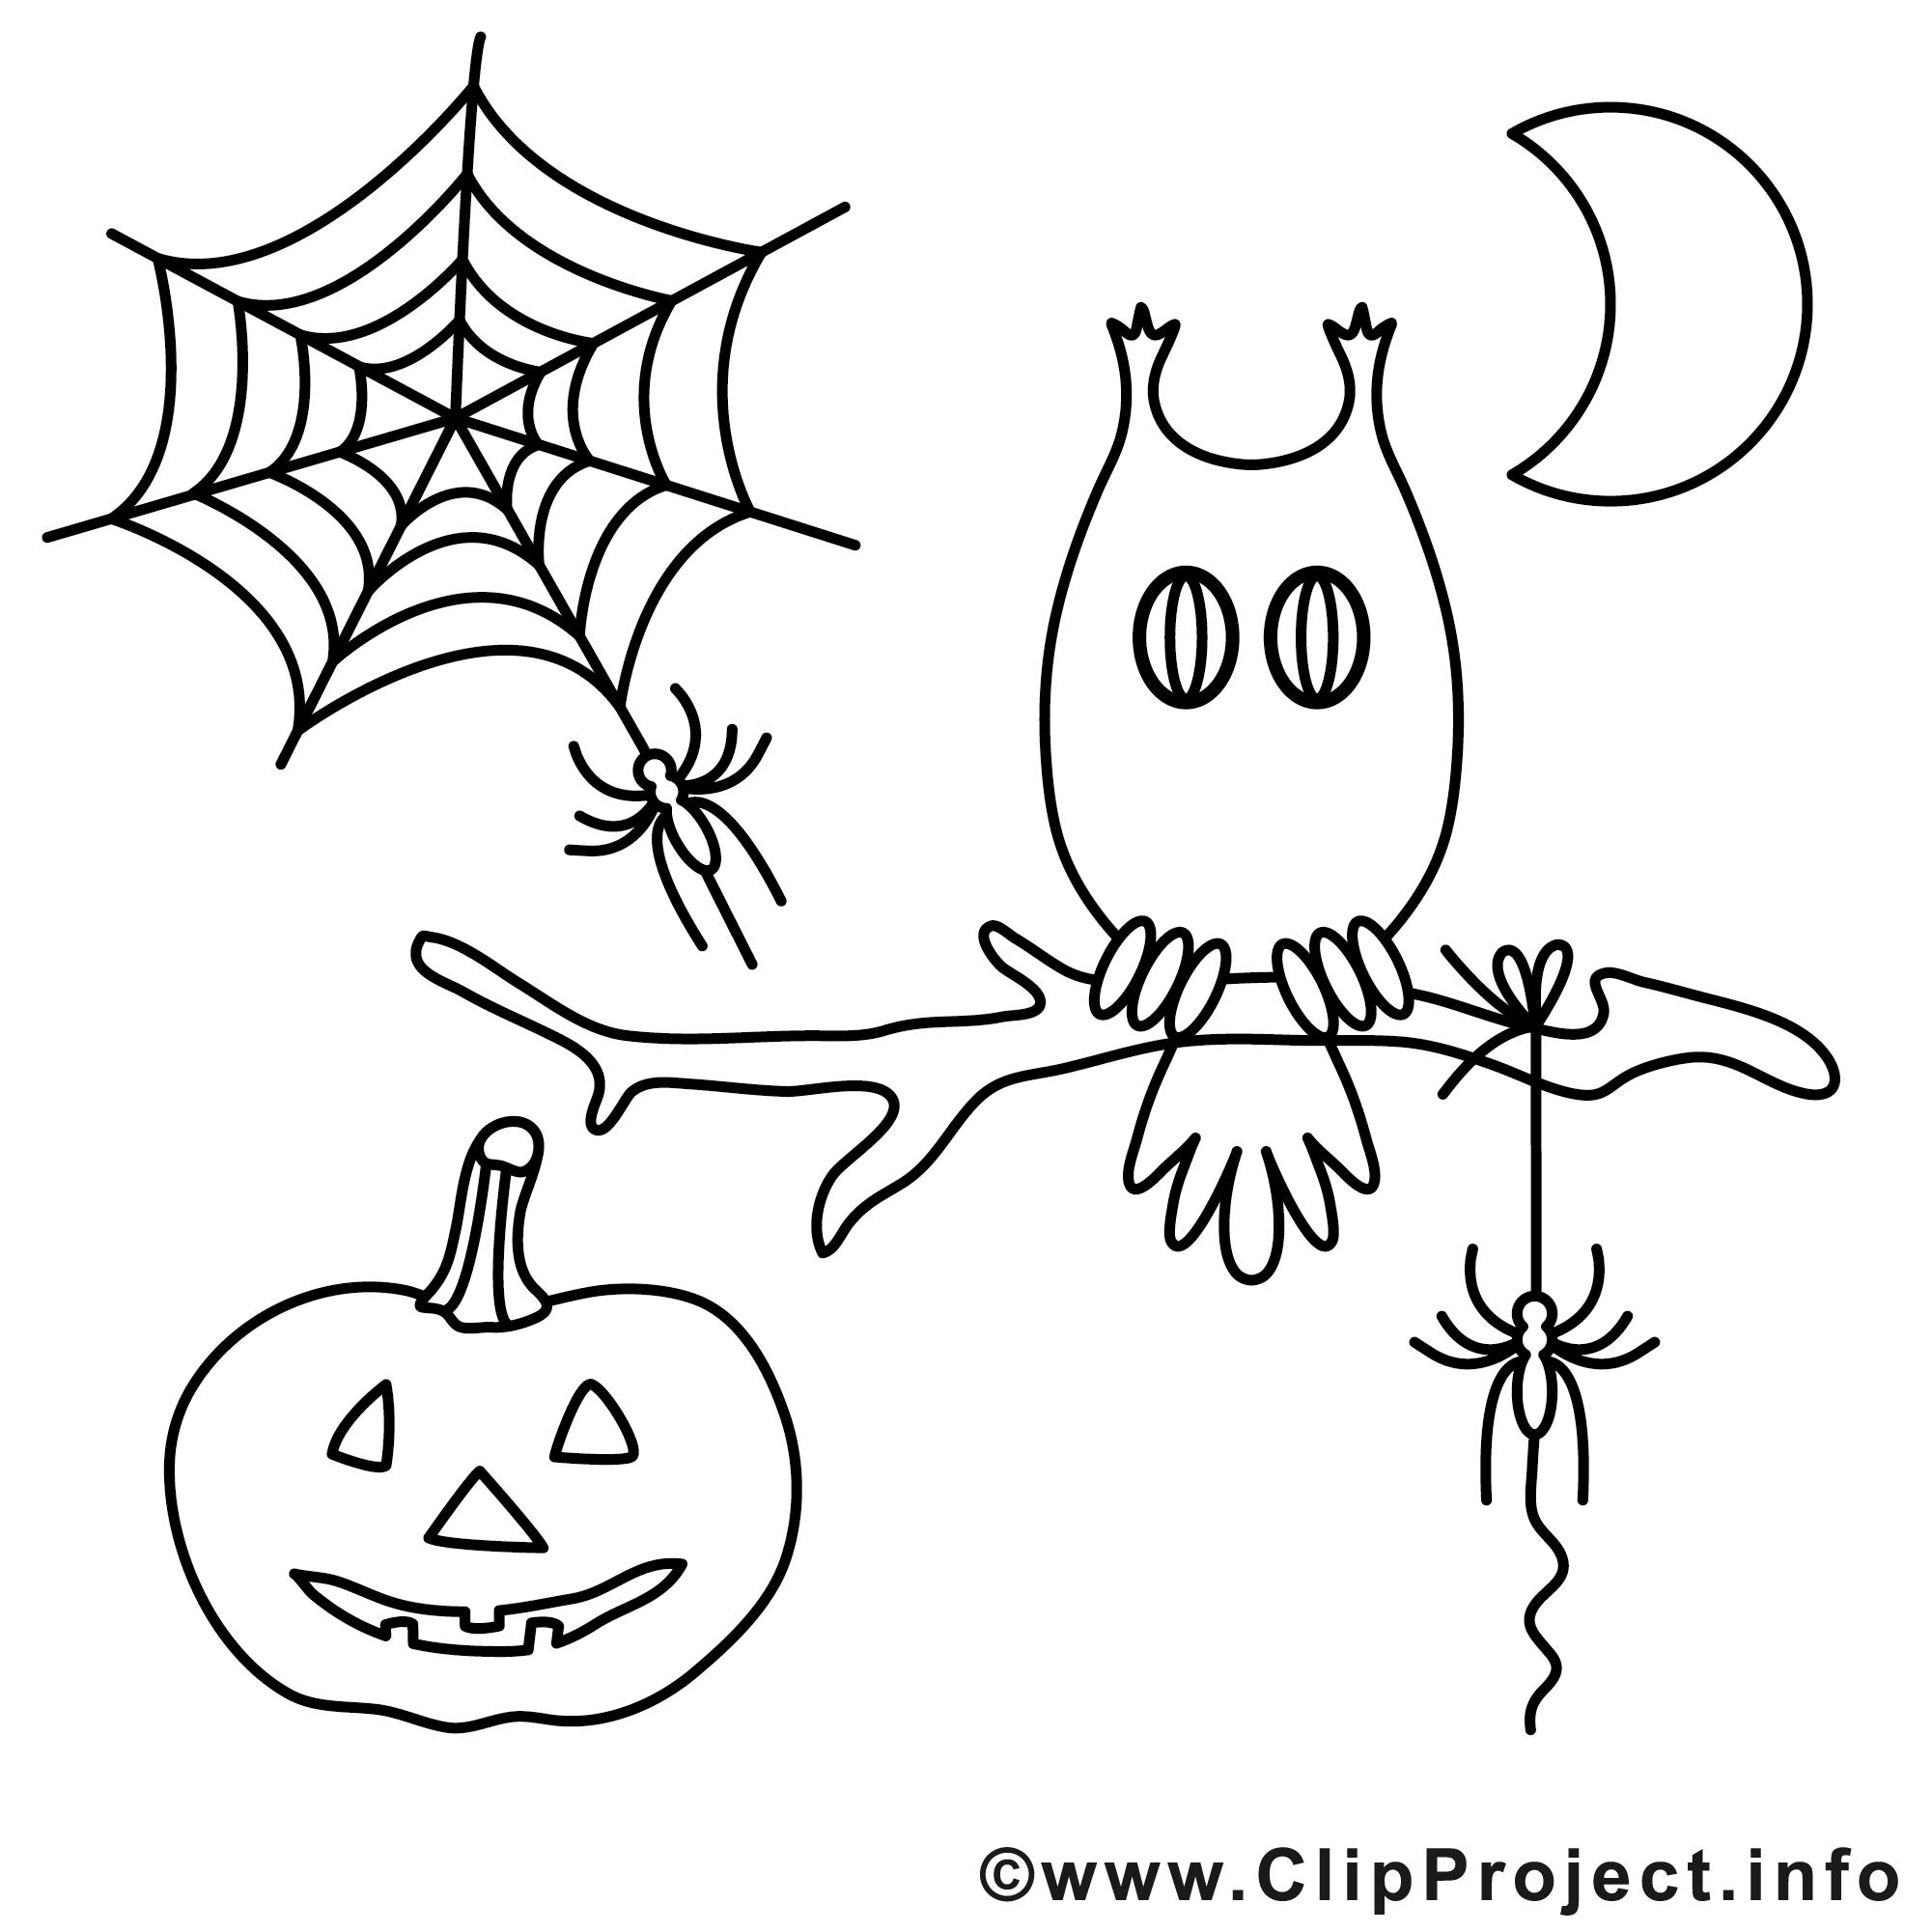 Halloween Malvorlagen Kostenlos Zum Bilder Ber Ausmalbilder mit Halloween Malvorlagen Ausdrucken